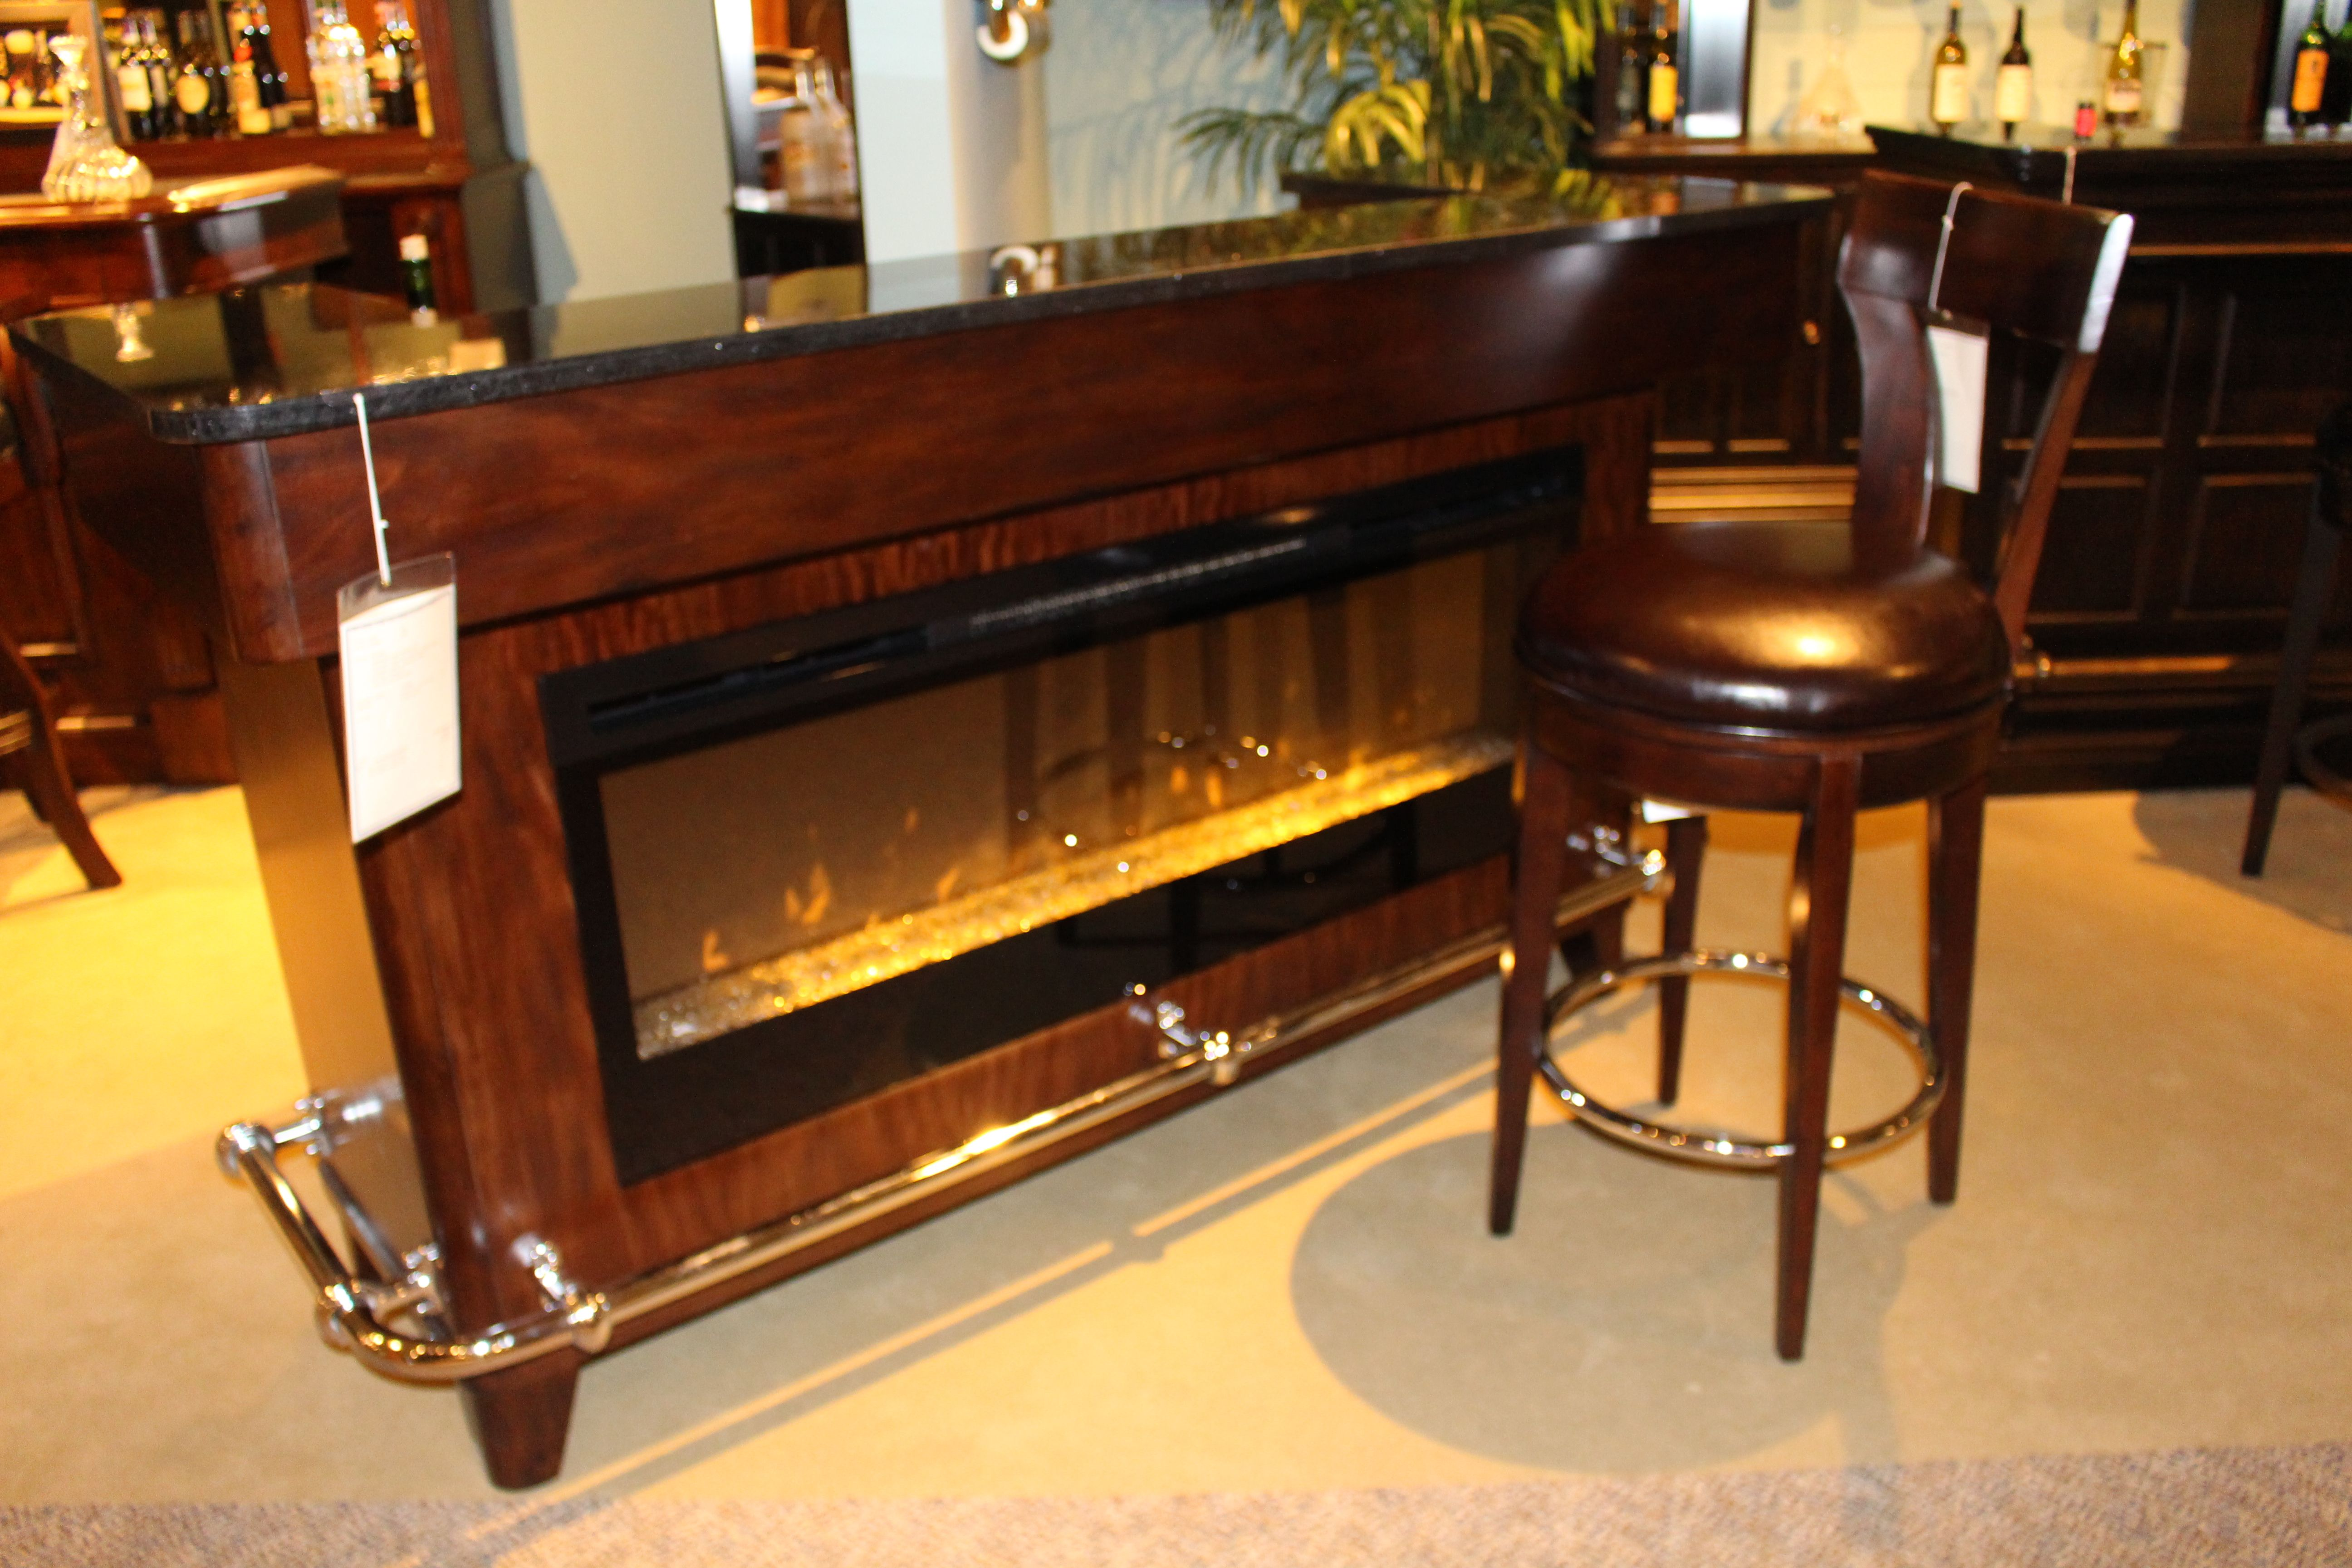 Cardis Cardisfurniture Furniture Cocktail Cocktailcart